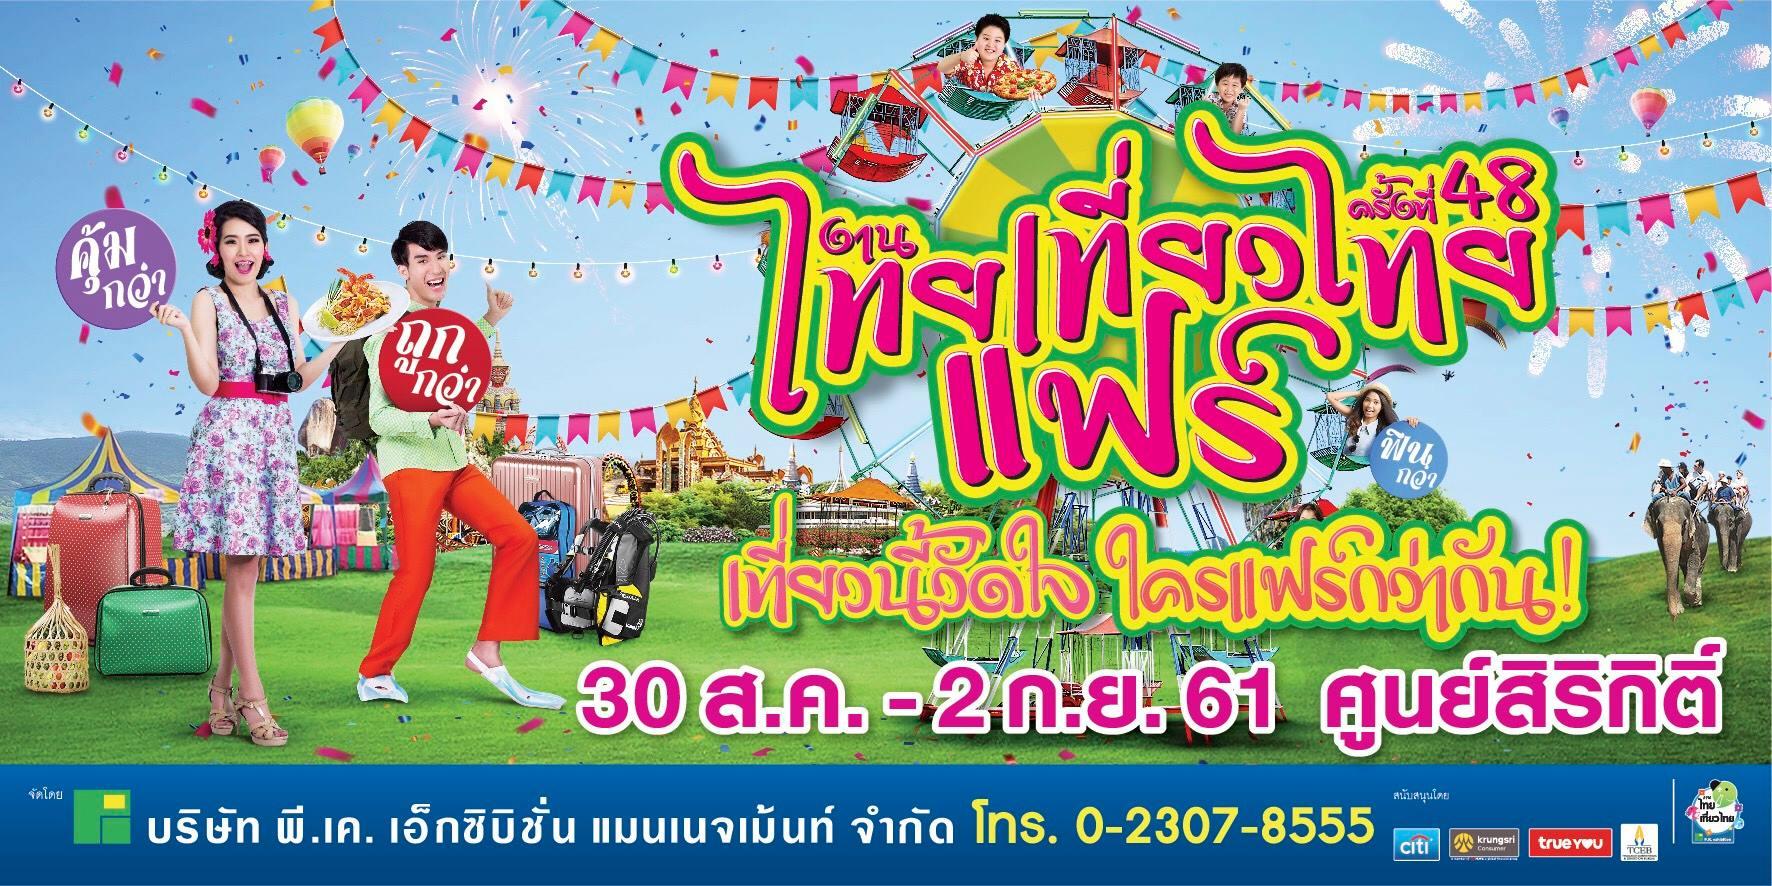 งานไทยเที่ยวไทย ครั้งที่ 48 วันที่ 30 สิงหาคม - 2 กันยายน 2561 ณ ศูนย์ประชุมแห่งชาติสิริกิติ์